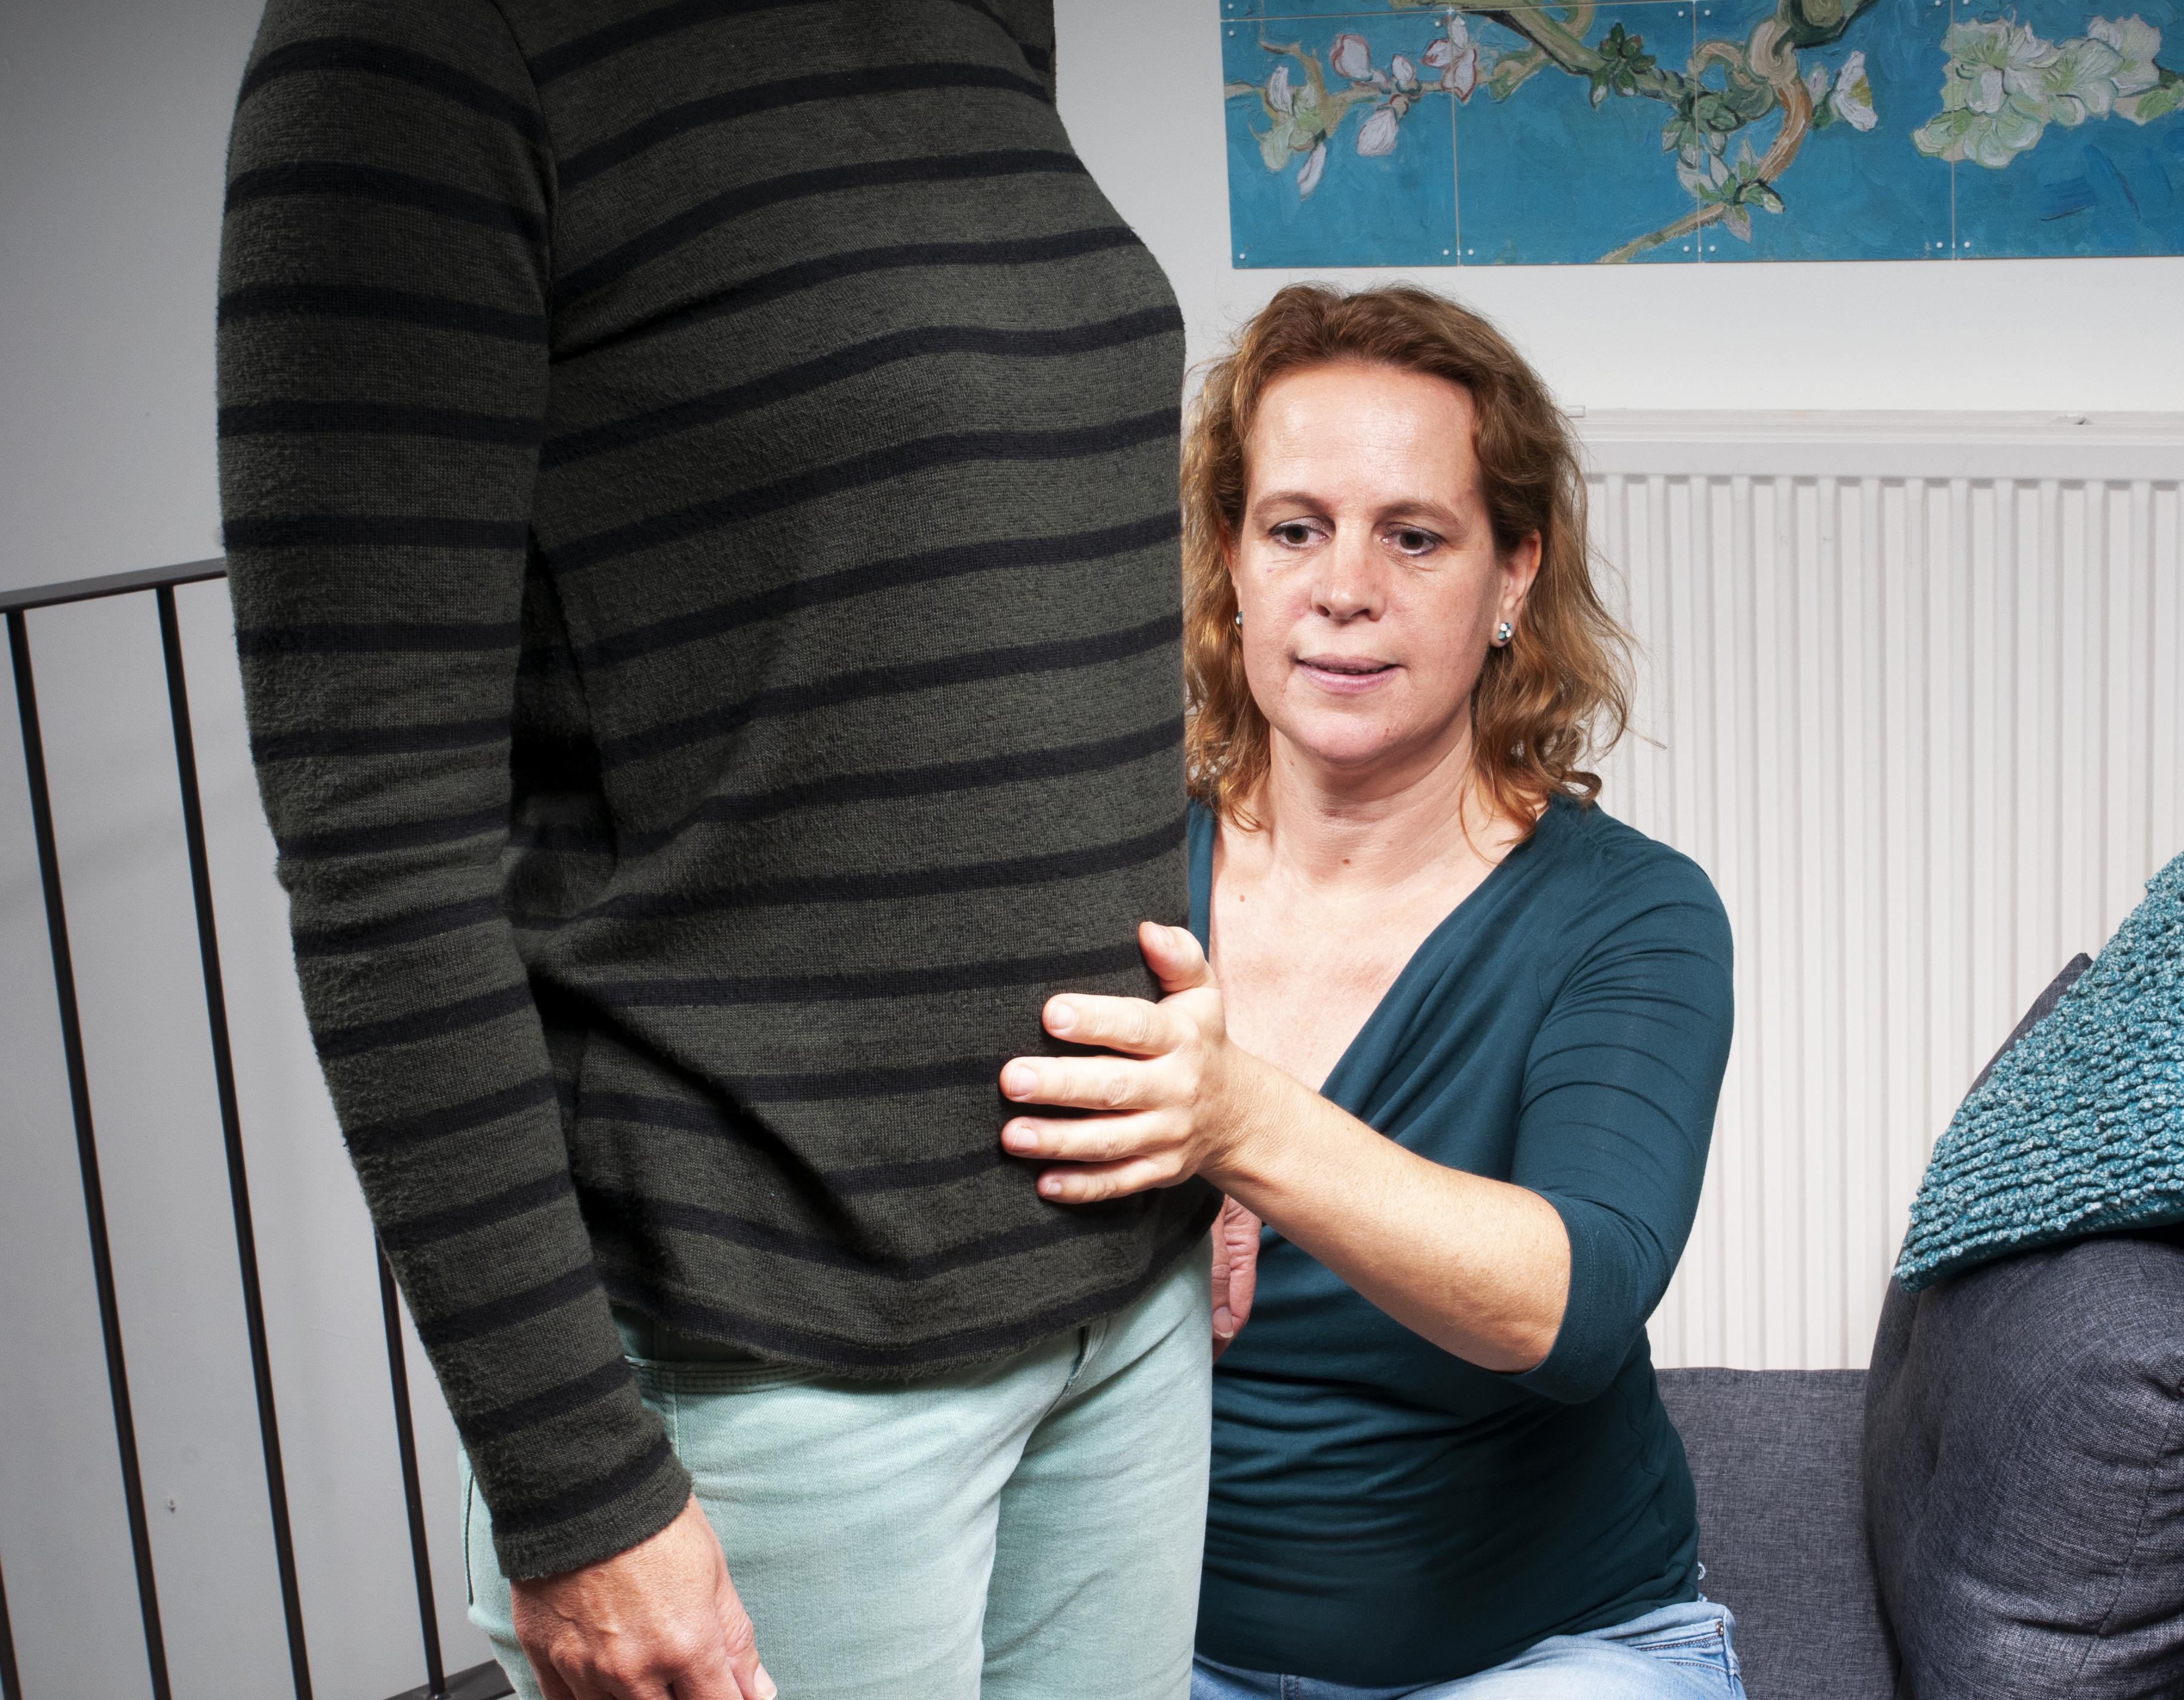 Haptotherapie - oefening met balans en houding